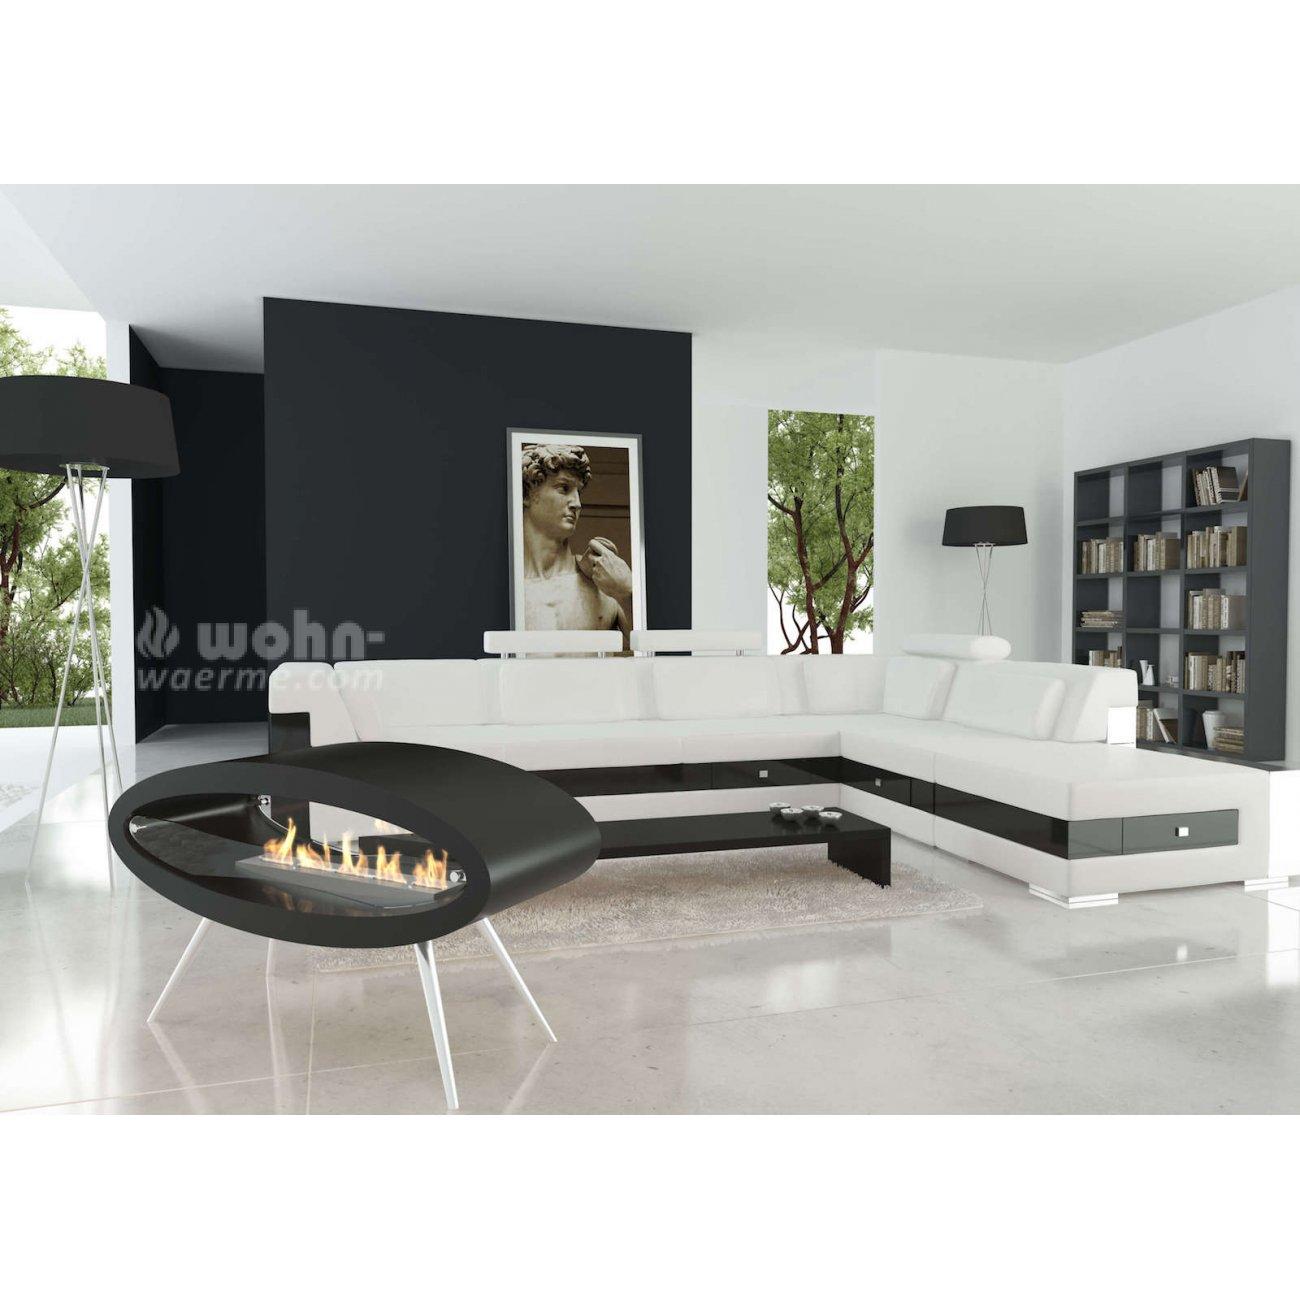 decoflame ellipse design ethanol kamin als standkamin. Black Bedroom Furniture Sets. Home Design Ideas